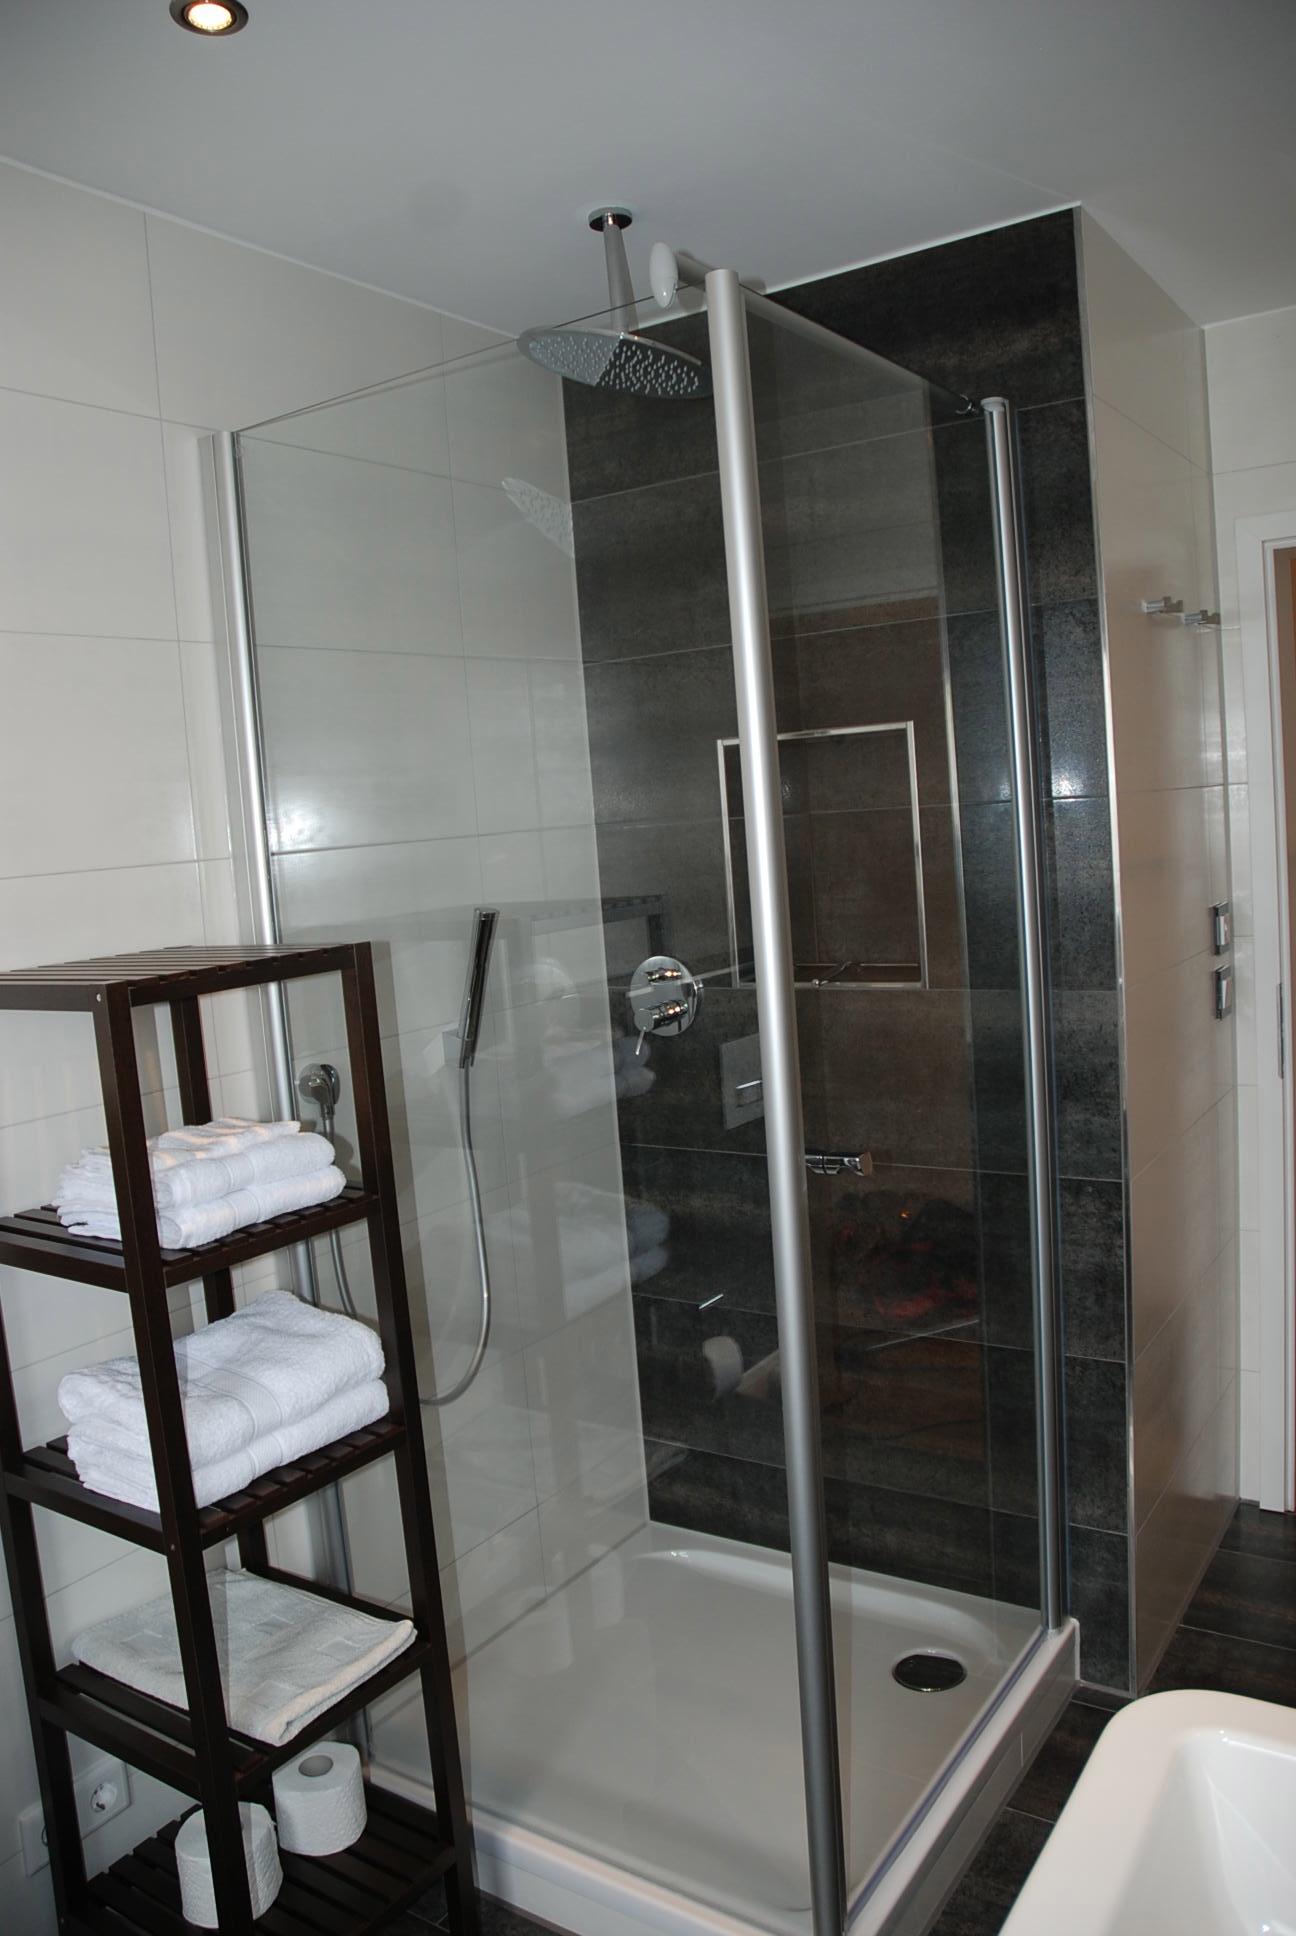 sonnenschein agentur pfaffenhofen gritschstr 11. Black Bedroom Furniture Sets. Home Design Ideas